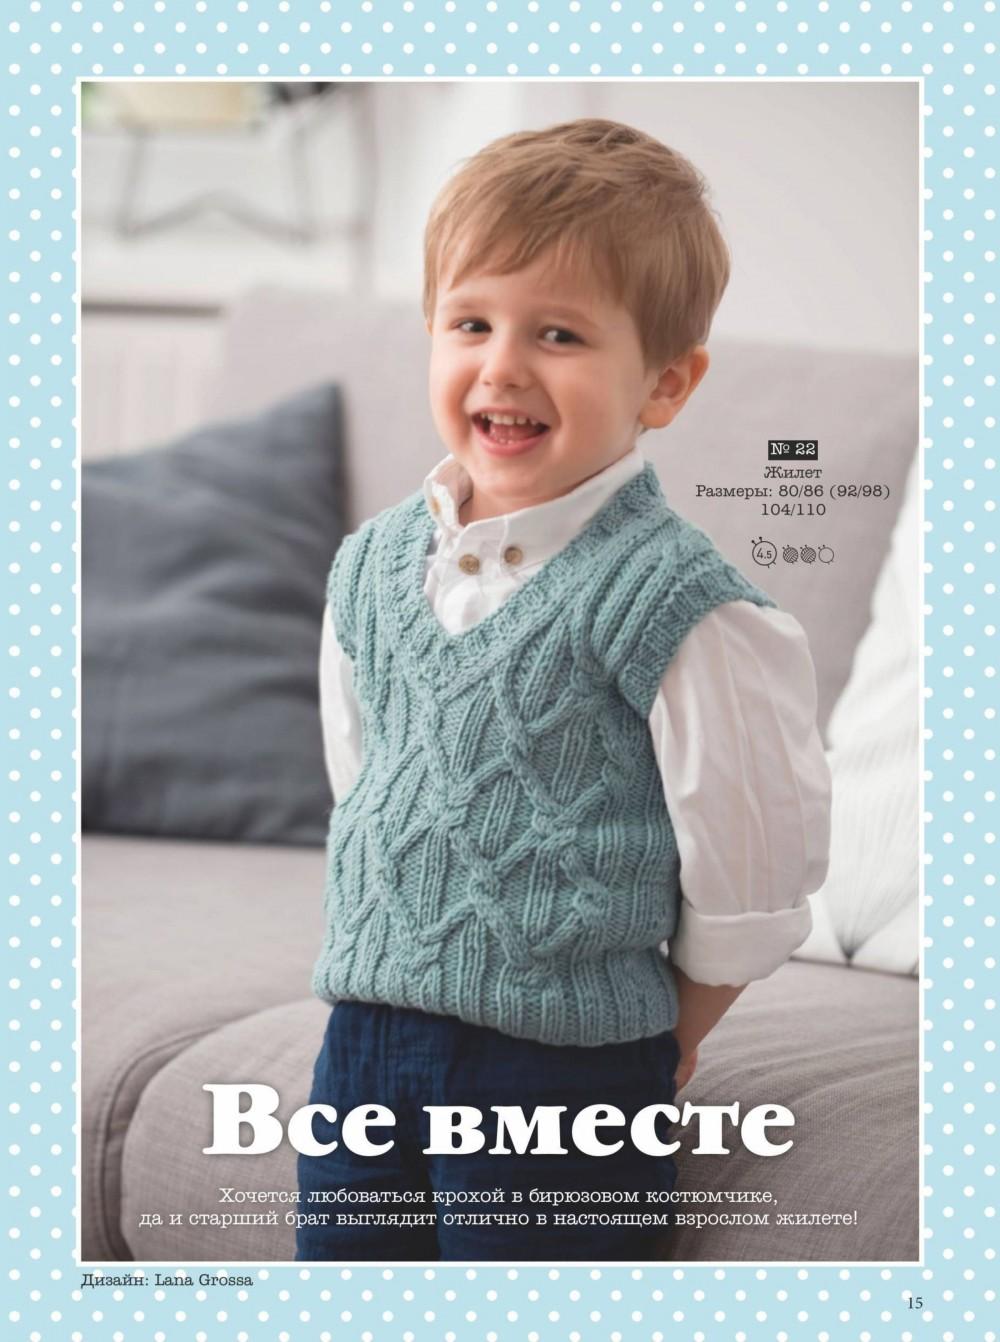 158072bef1b7ae563e.jpg